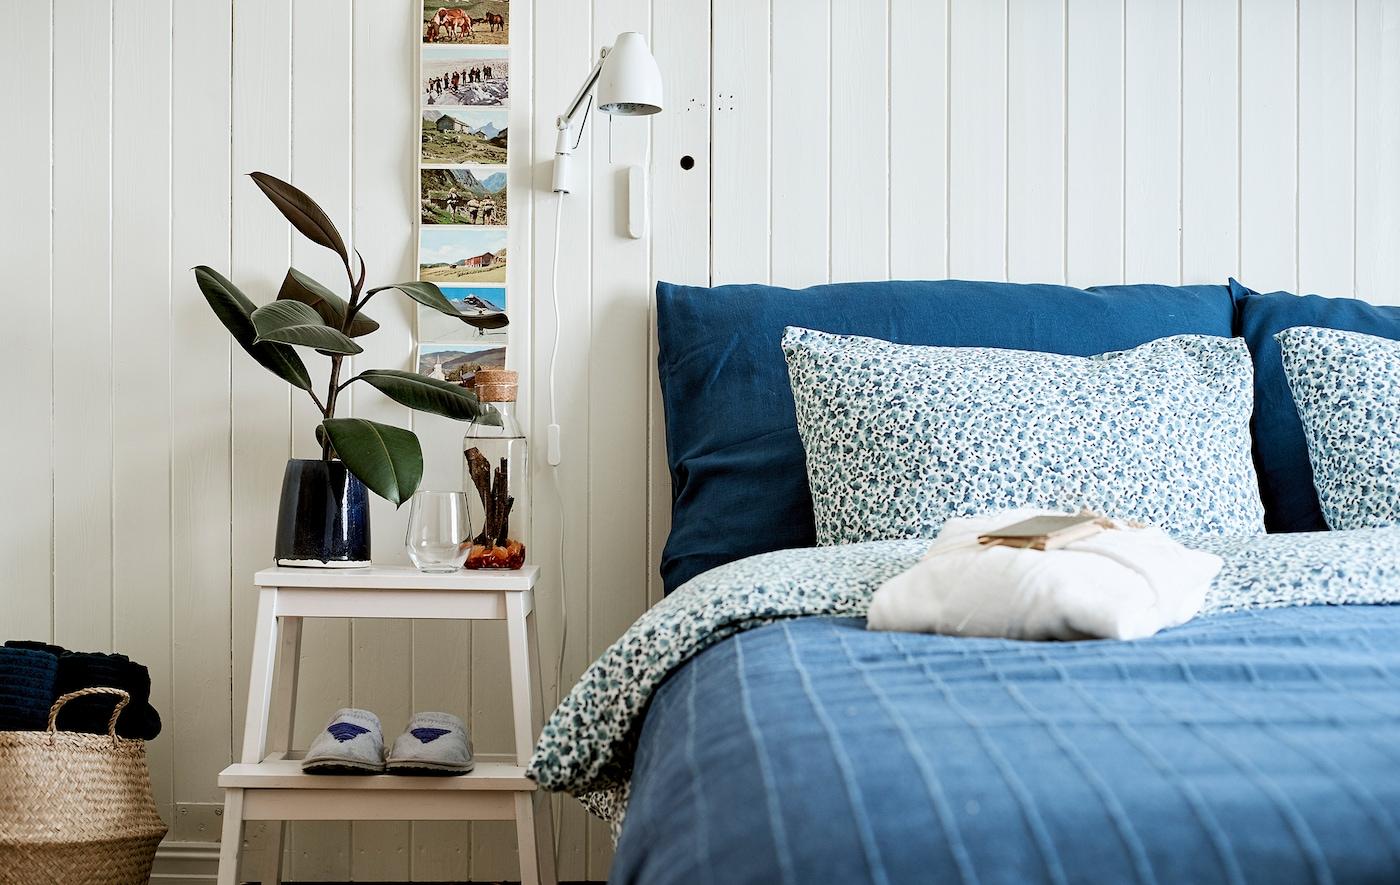 Letto con biancheria blu e una scaletta/sgabello trasformata in comodino, una caraffa di acqua aromatizzata e un bicchiere - IKEA